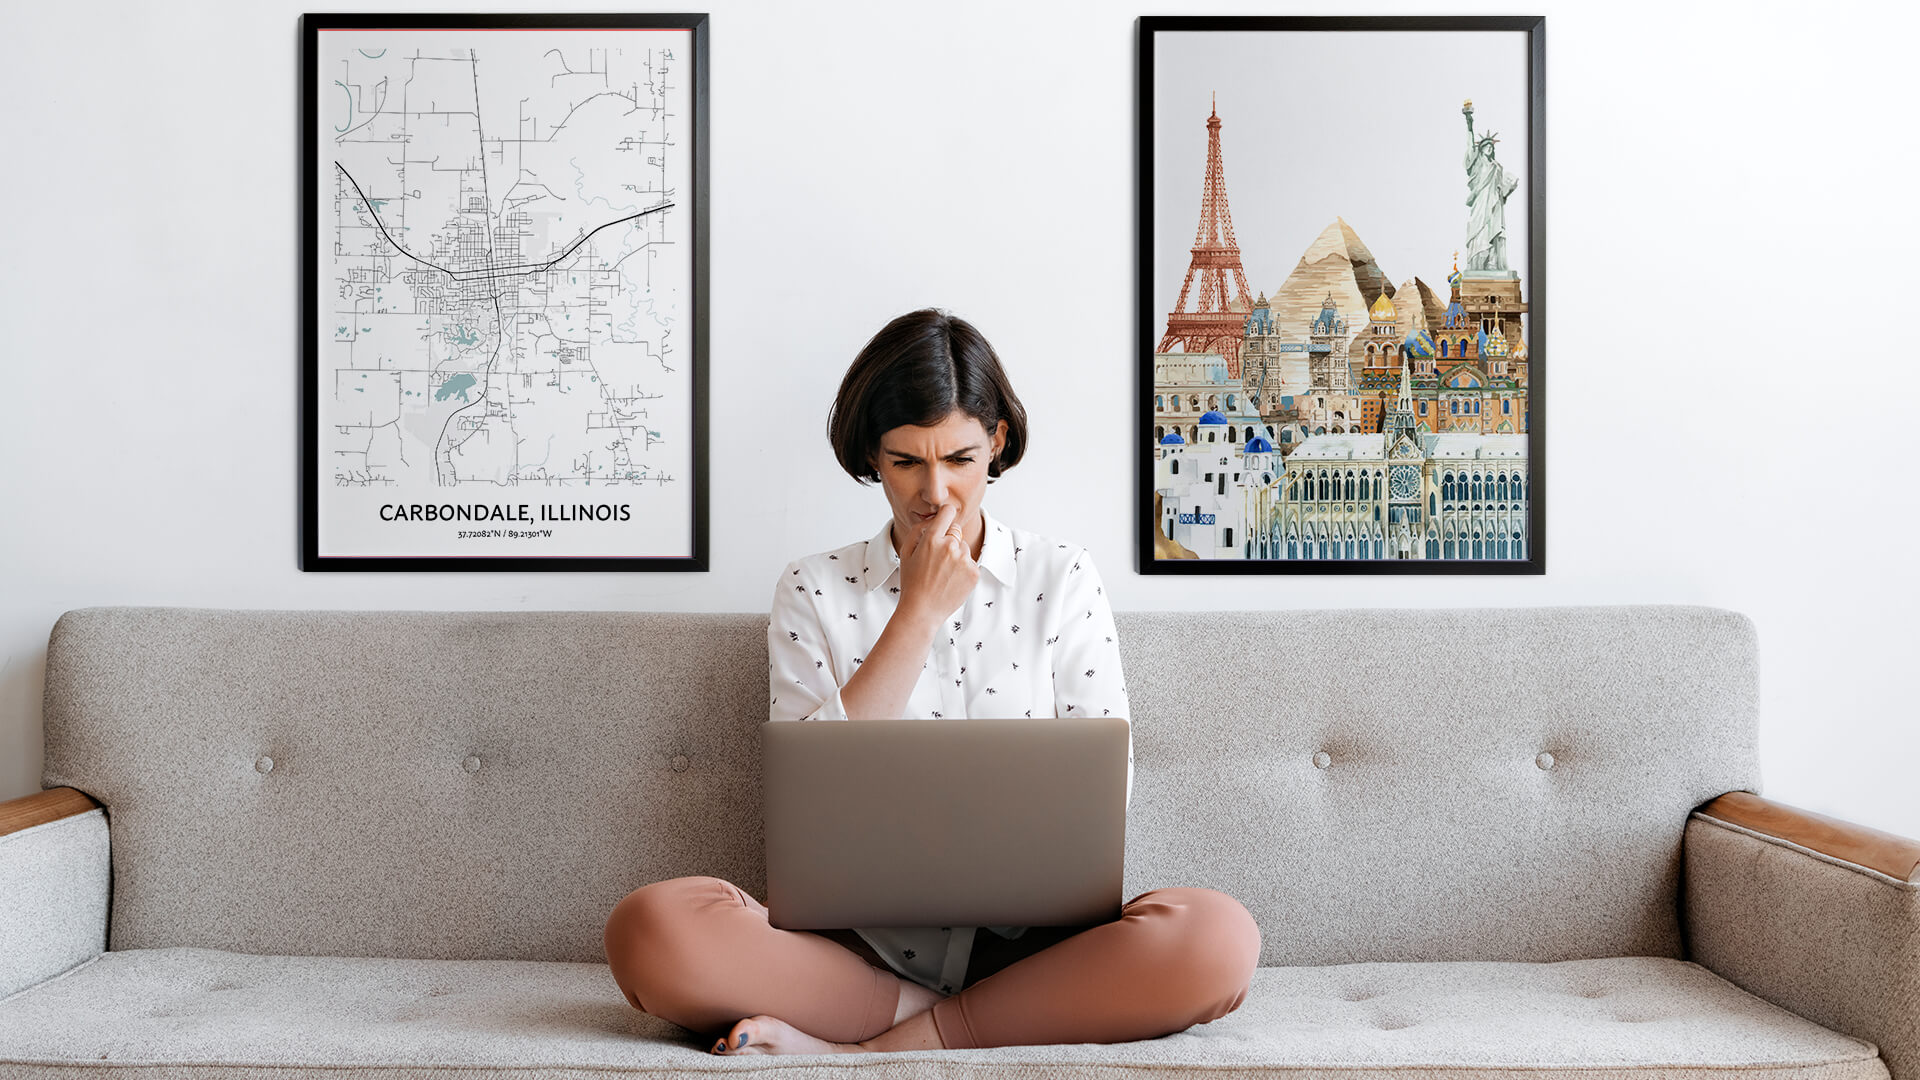 Carbondale city map art